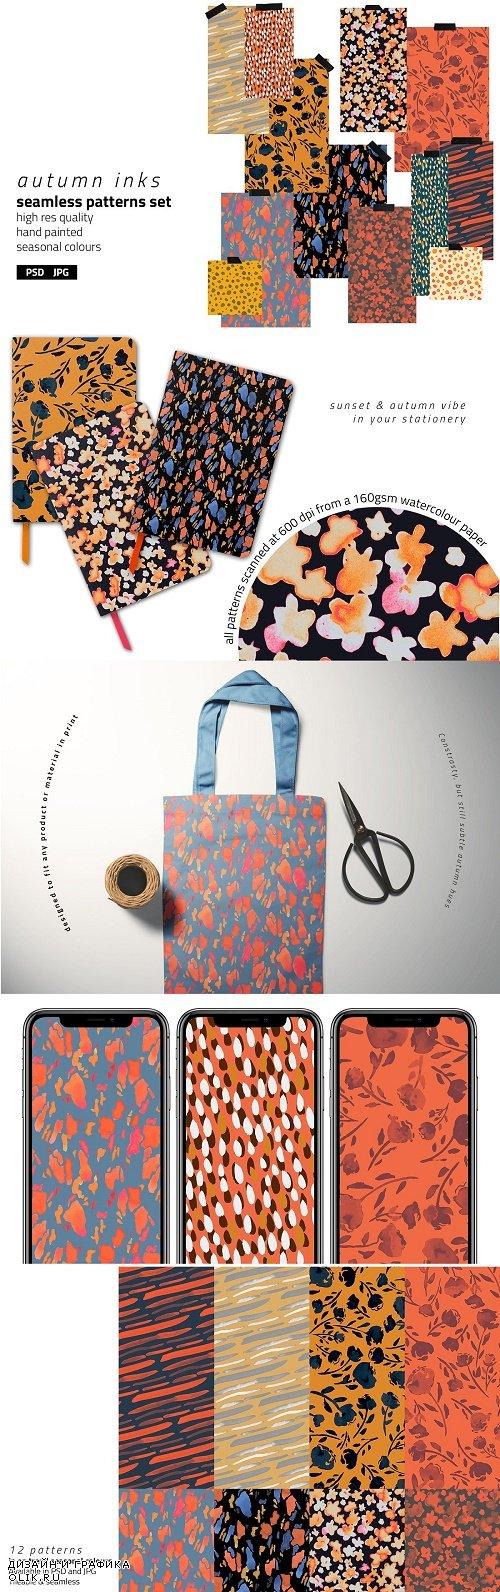 Autumn Inks Pattern Set - 4084125